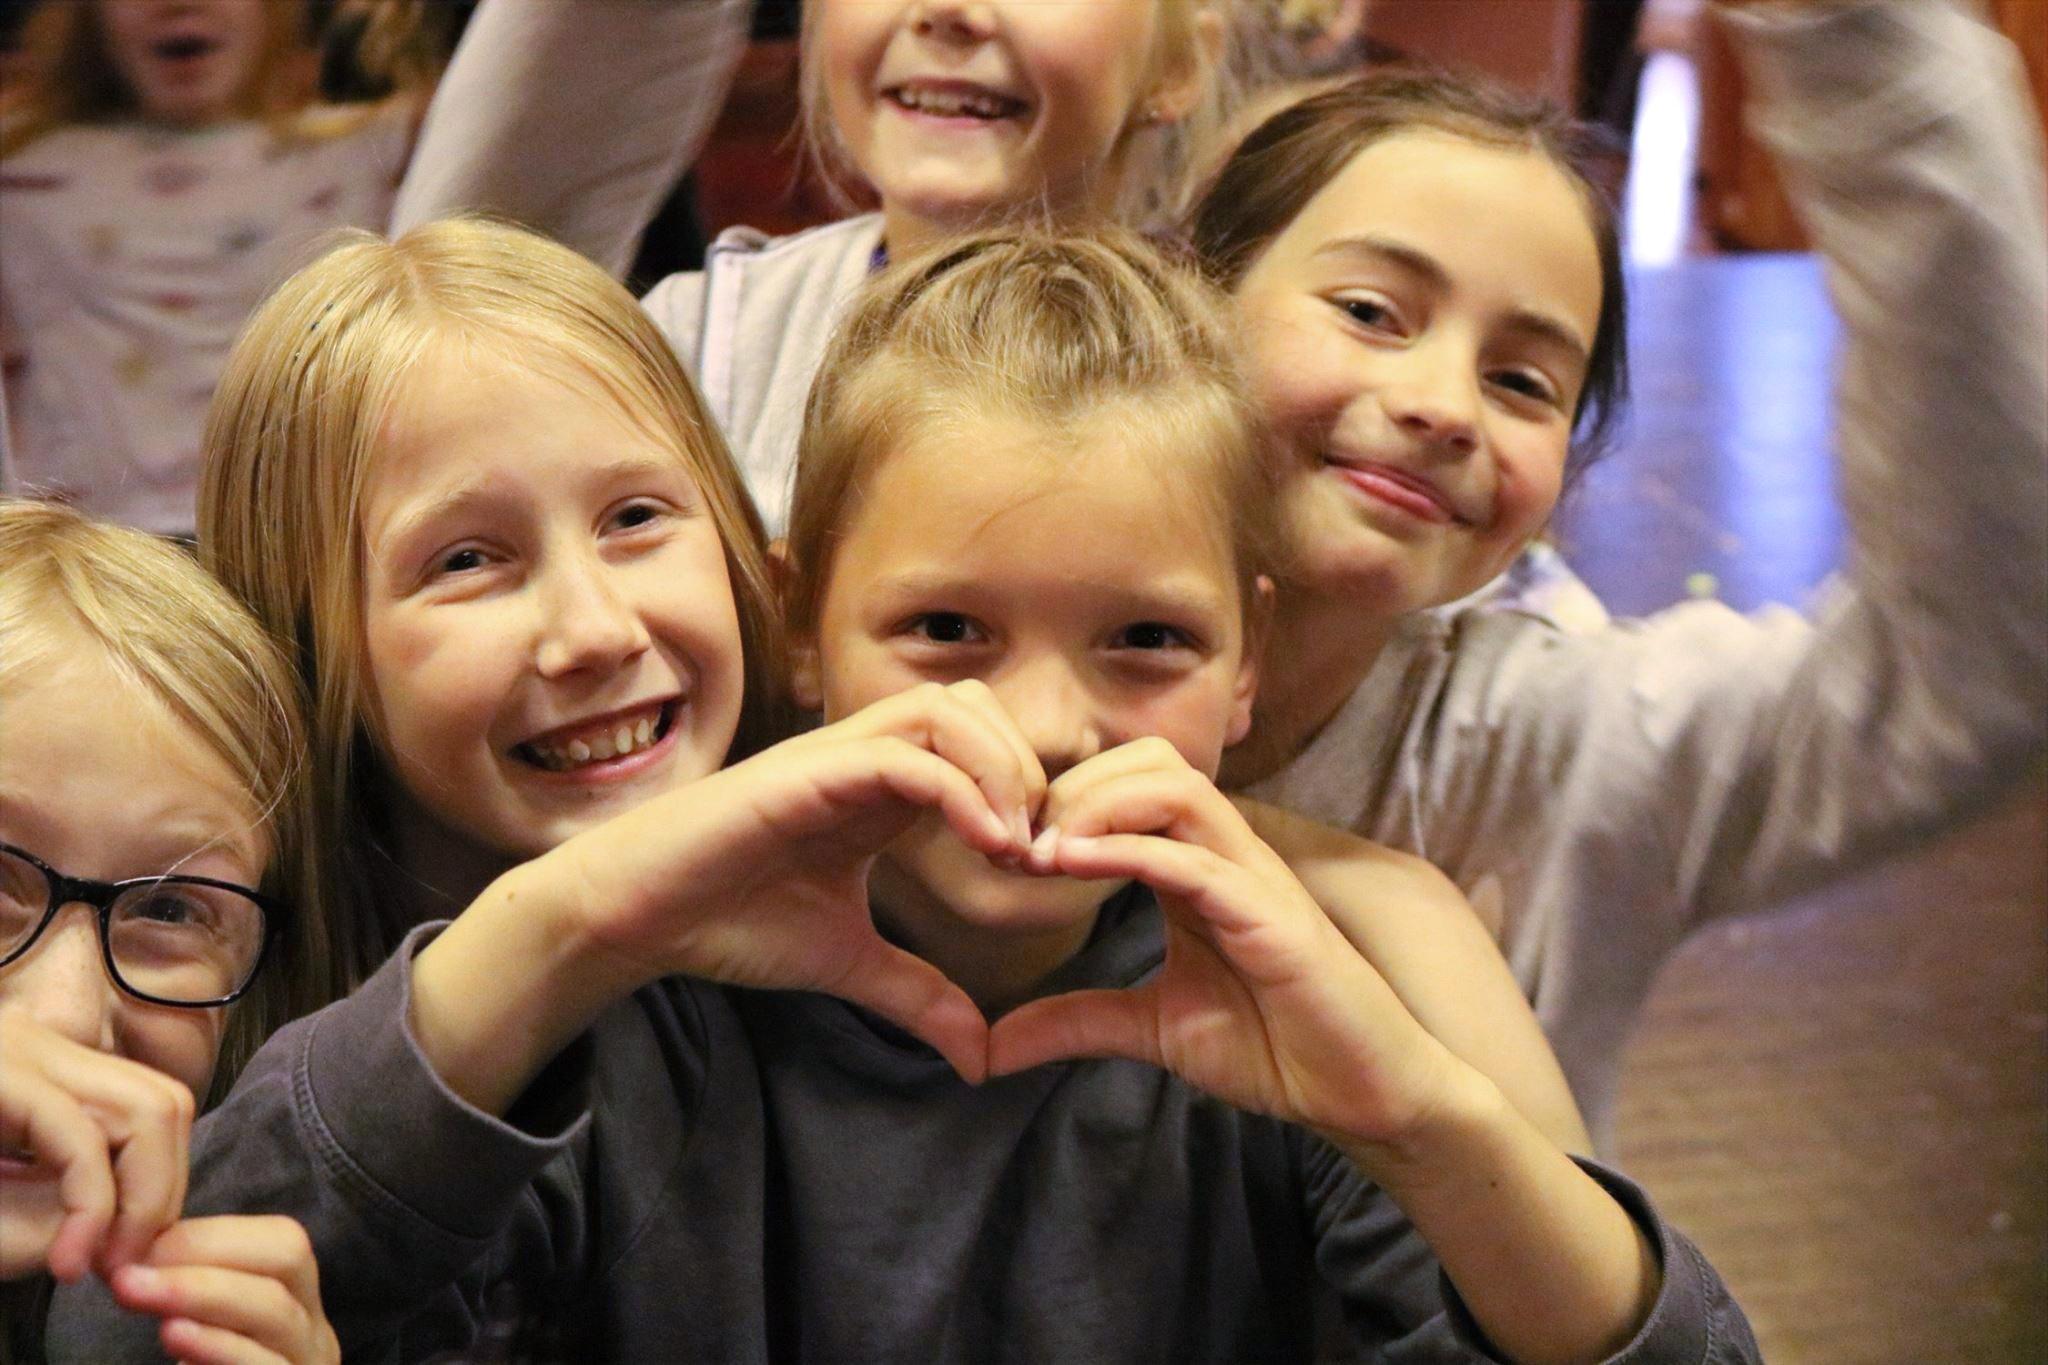 Deltagere på dansefestivalen Summer Dance.